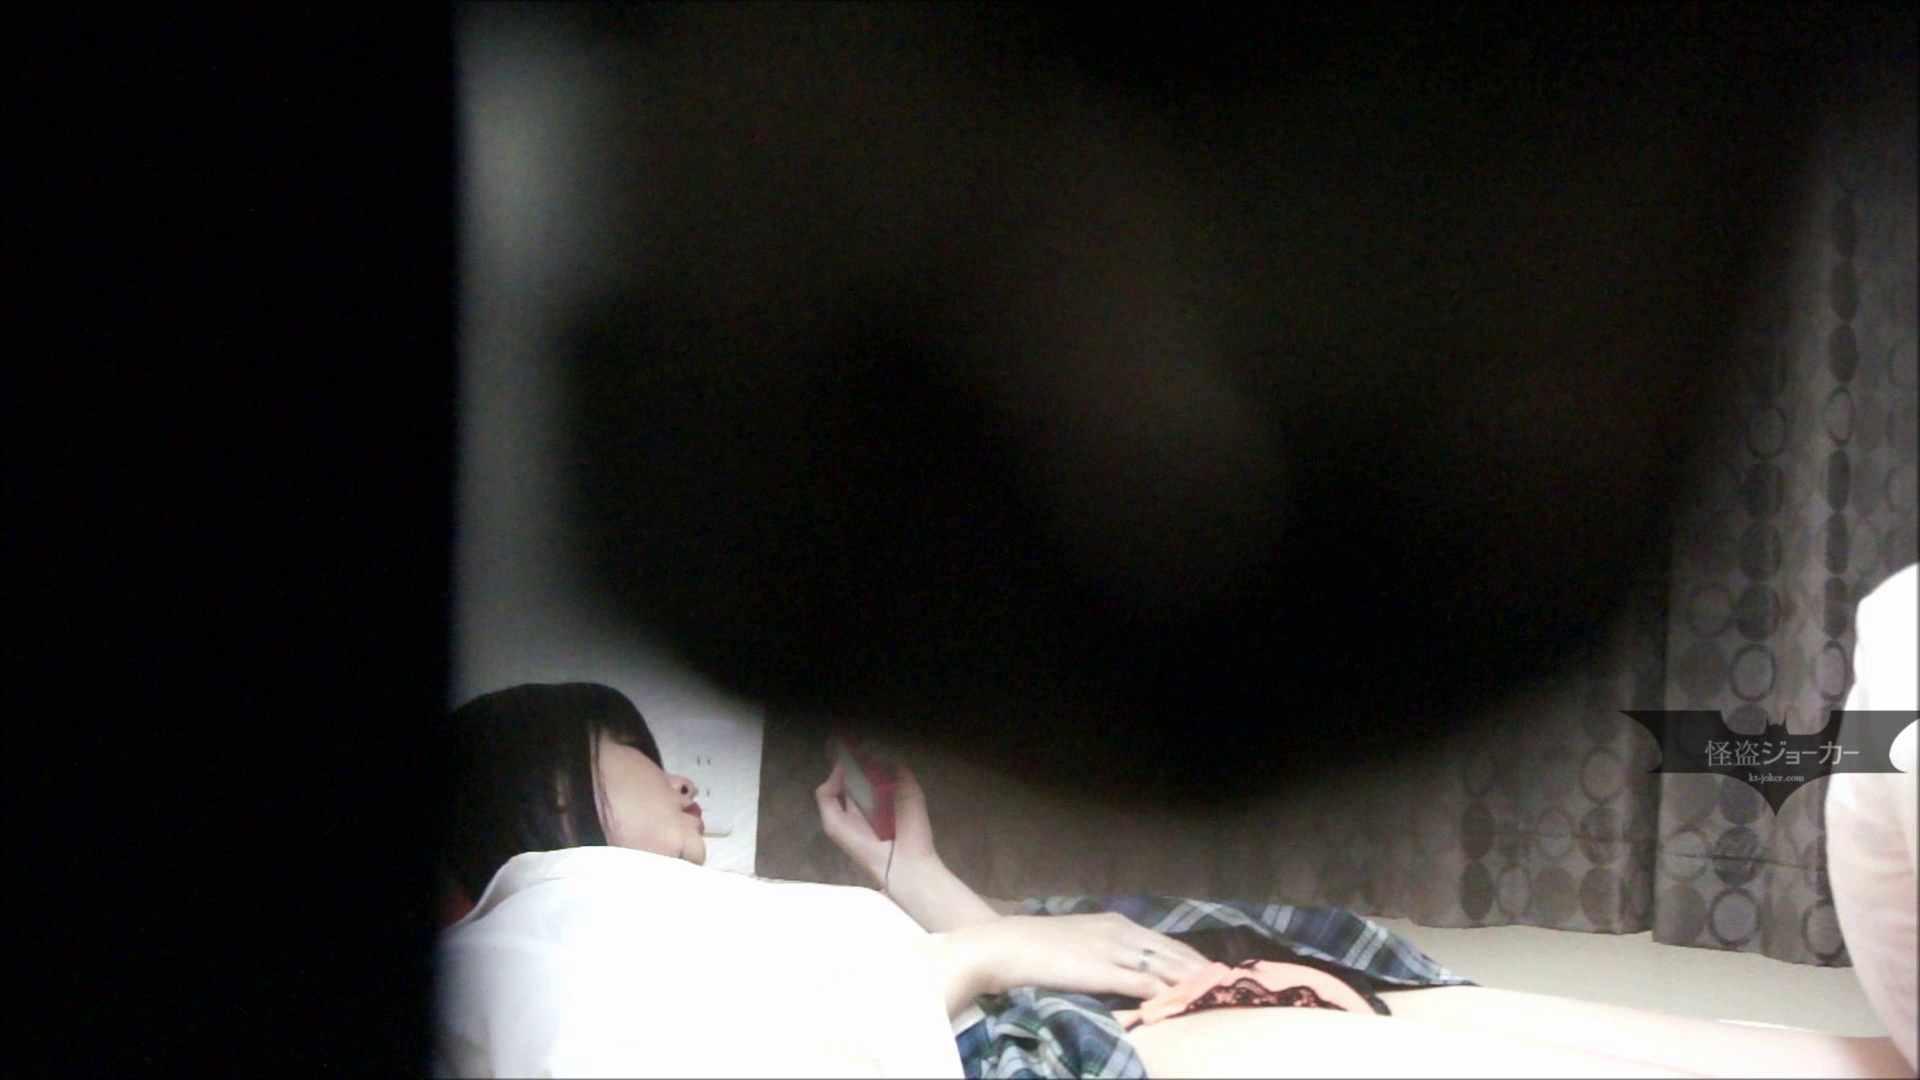 【未公開】vol.54【小春】脱衣所とオナニー隠し撮り 脱衣所   高画質  81画像 30